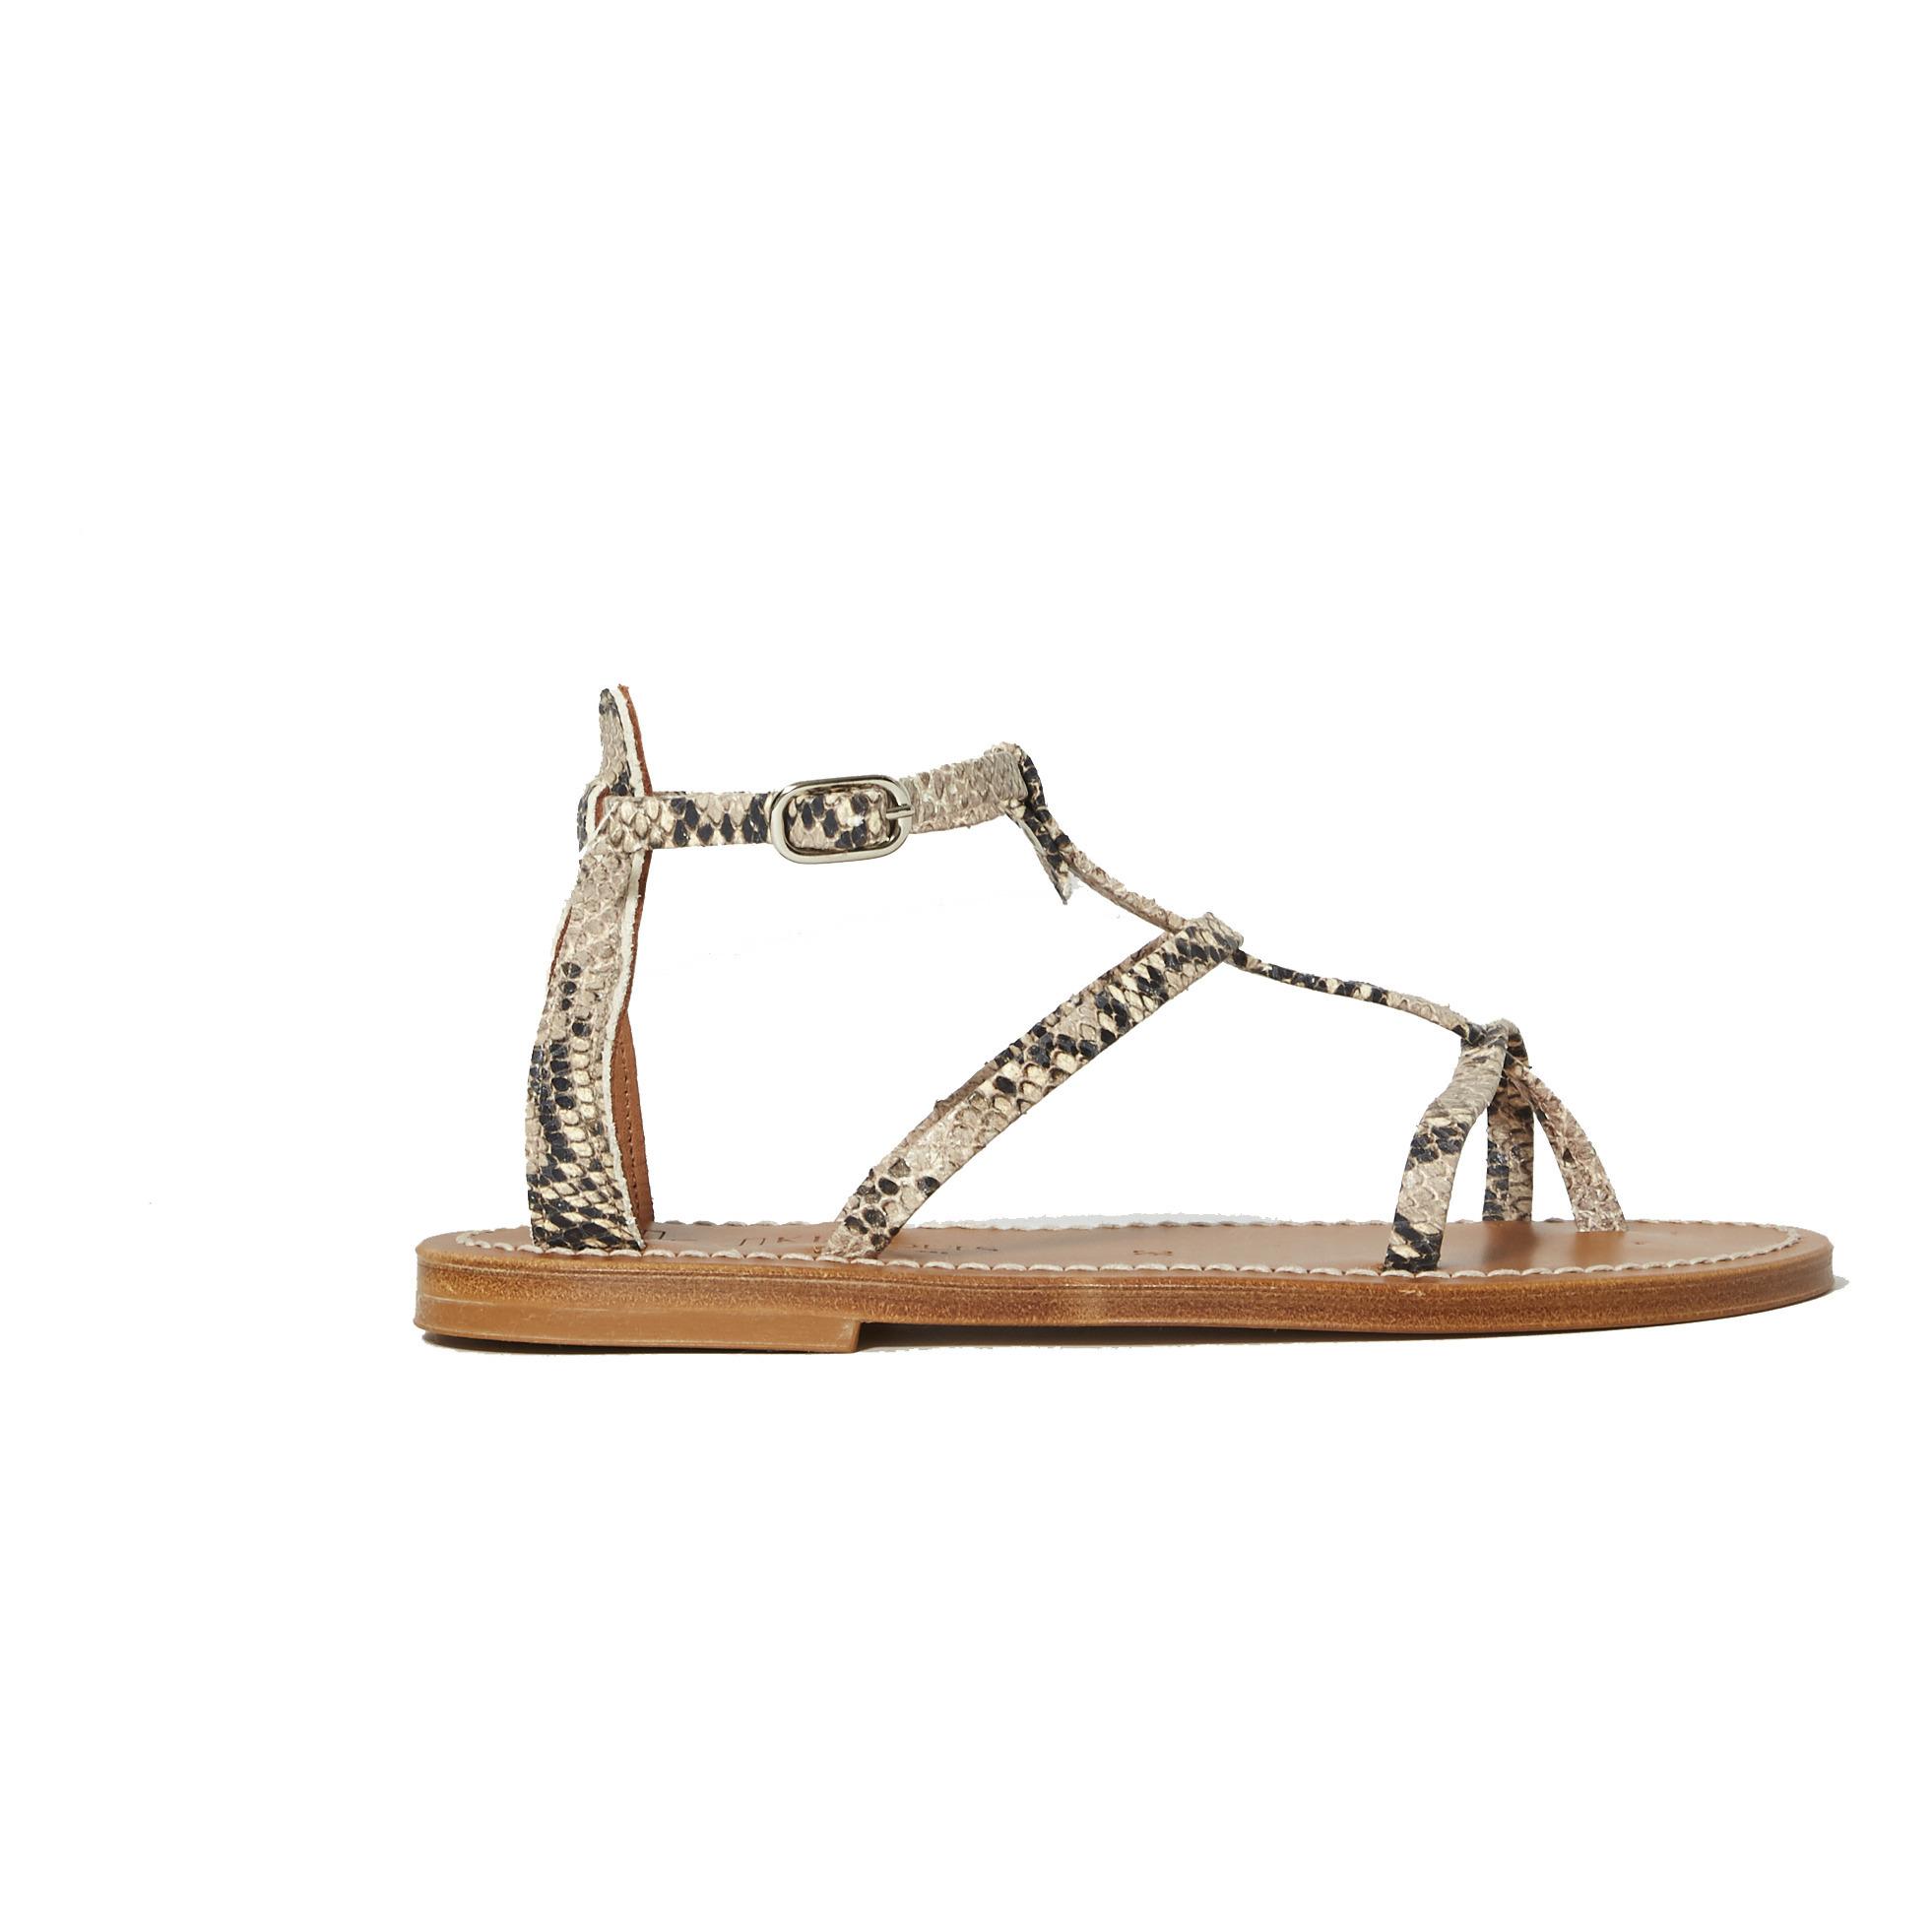 Sandales Antioche Cuir Imprimé Serpent